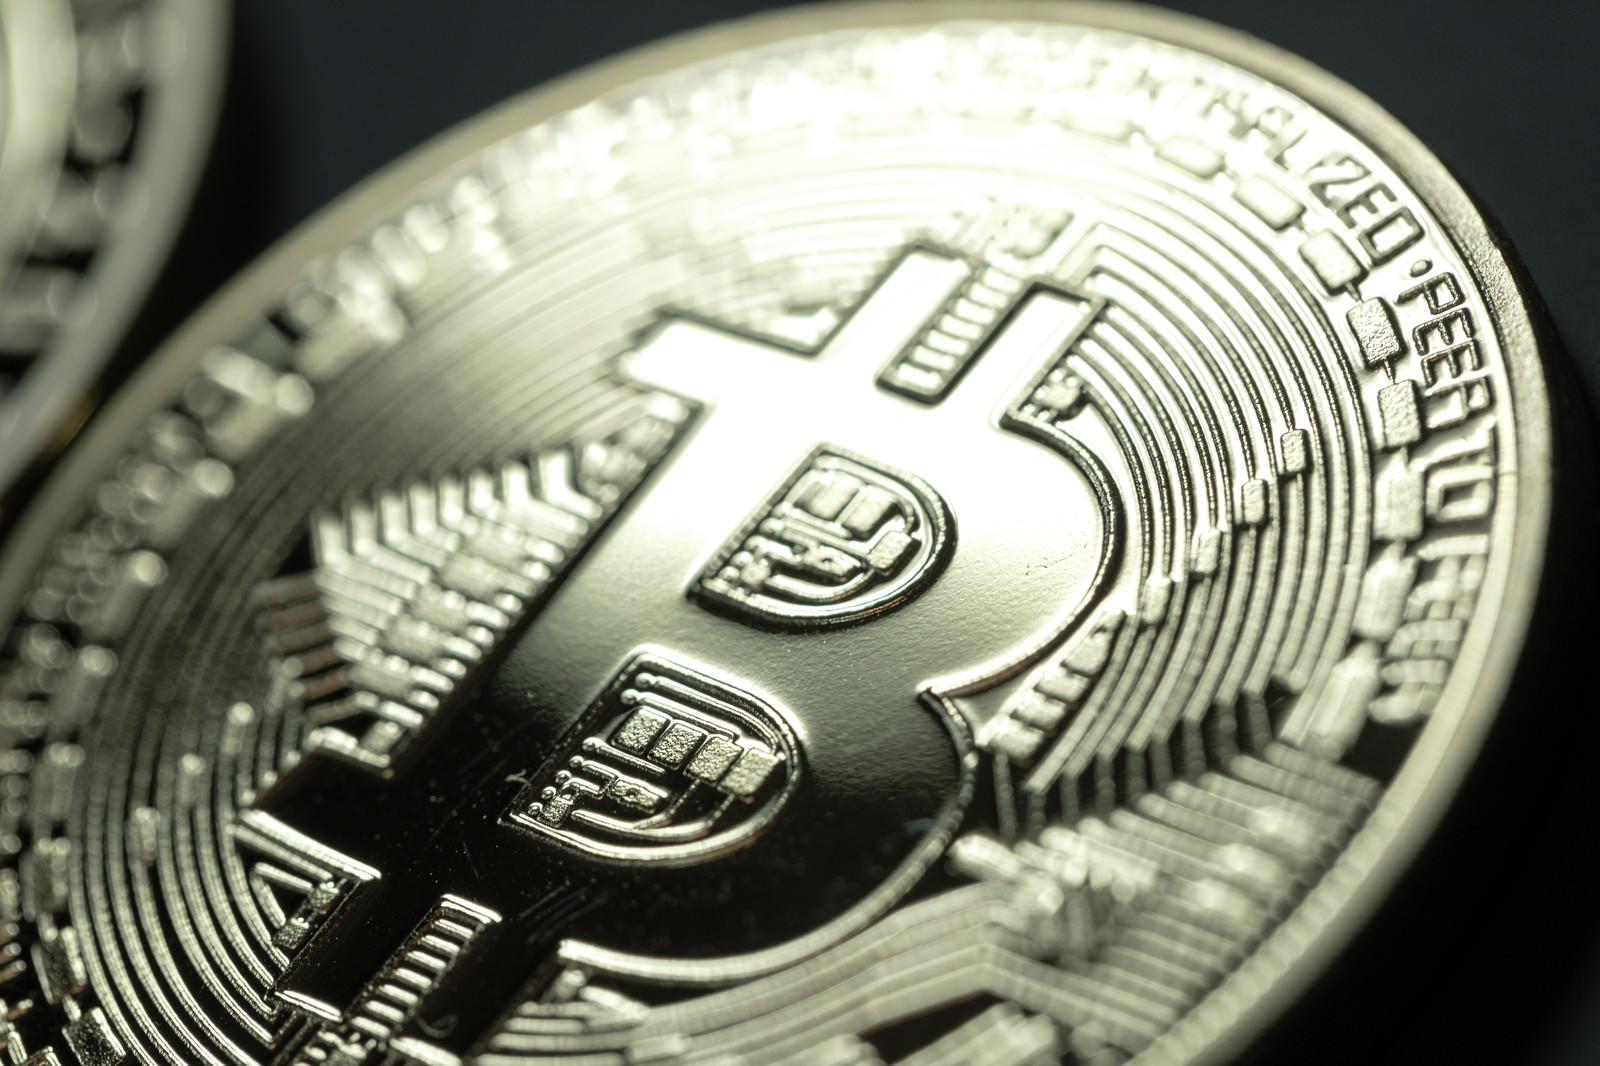 「2019年9月18日のビットコイン価格は110万円です」の写真